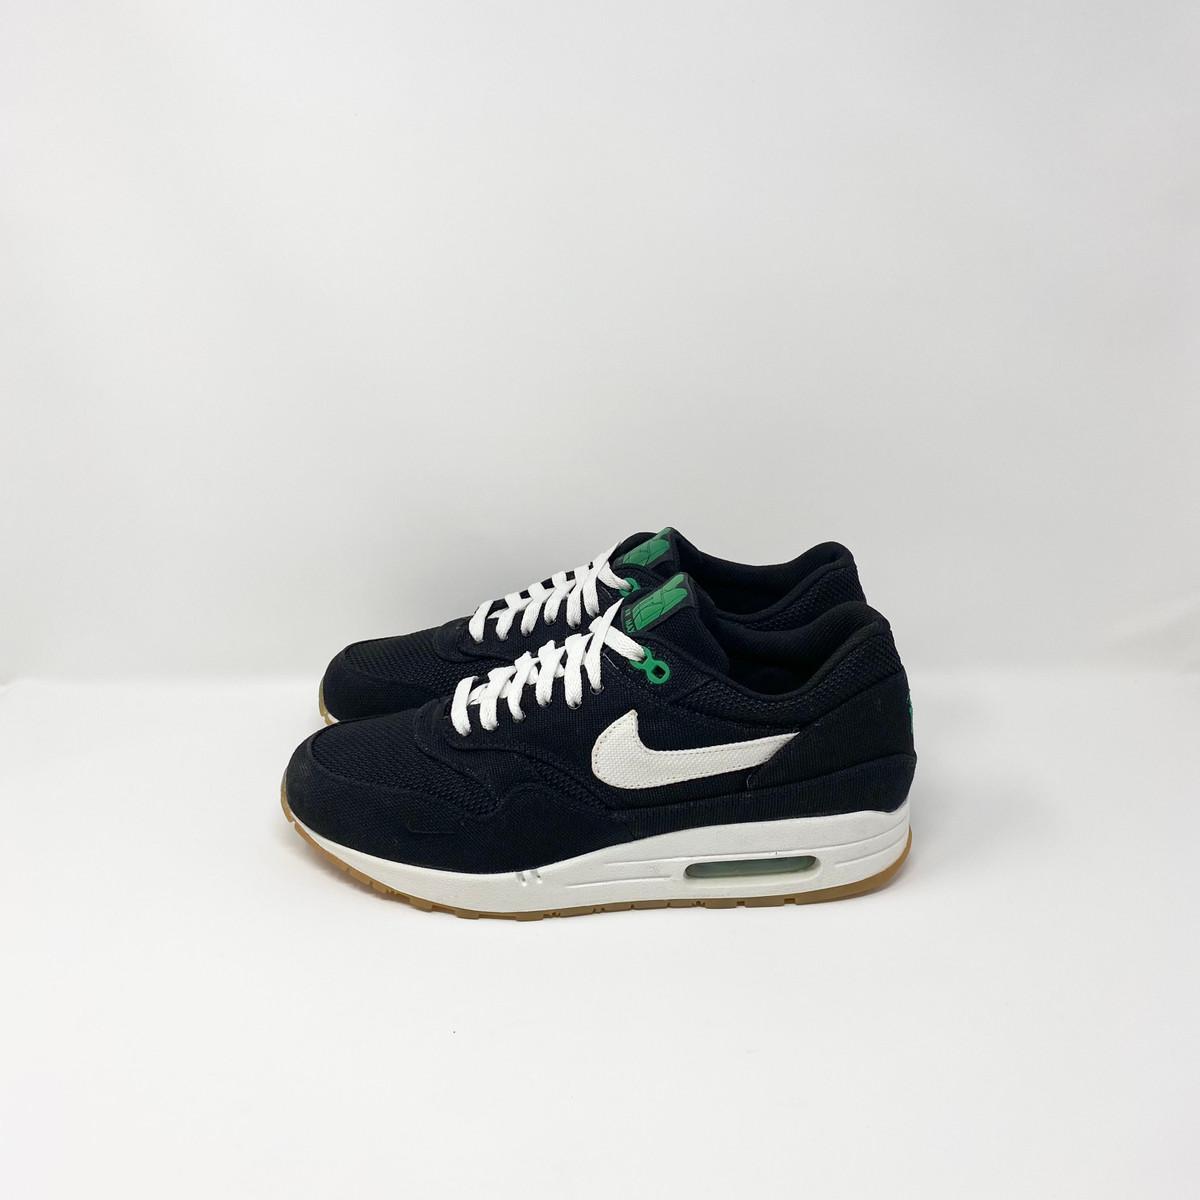 Nike Air Max 1 Lucky Green Patta